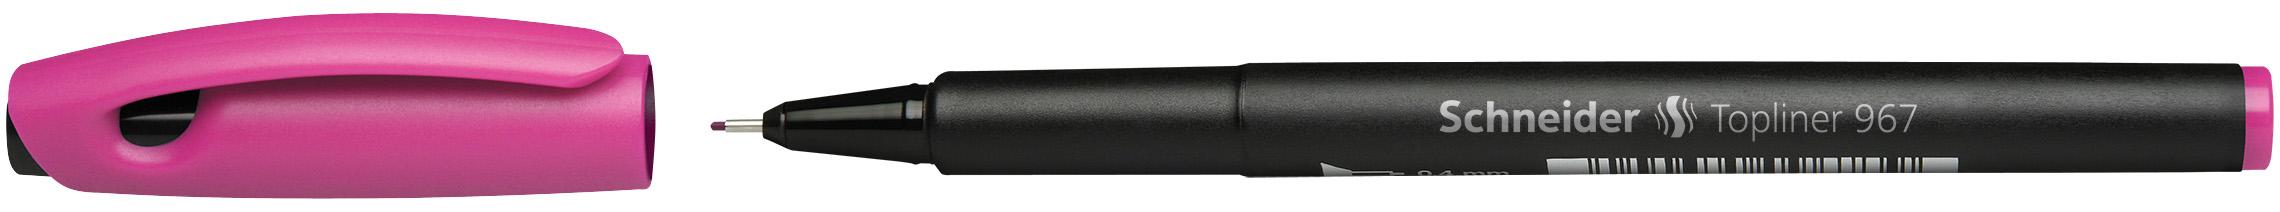 Ручка капиллярная Schneider Topliner 967розовая корпус черный 0.4мм